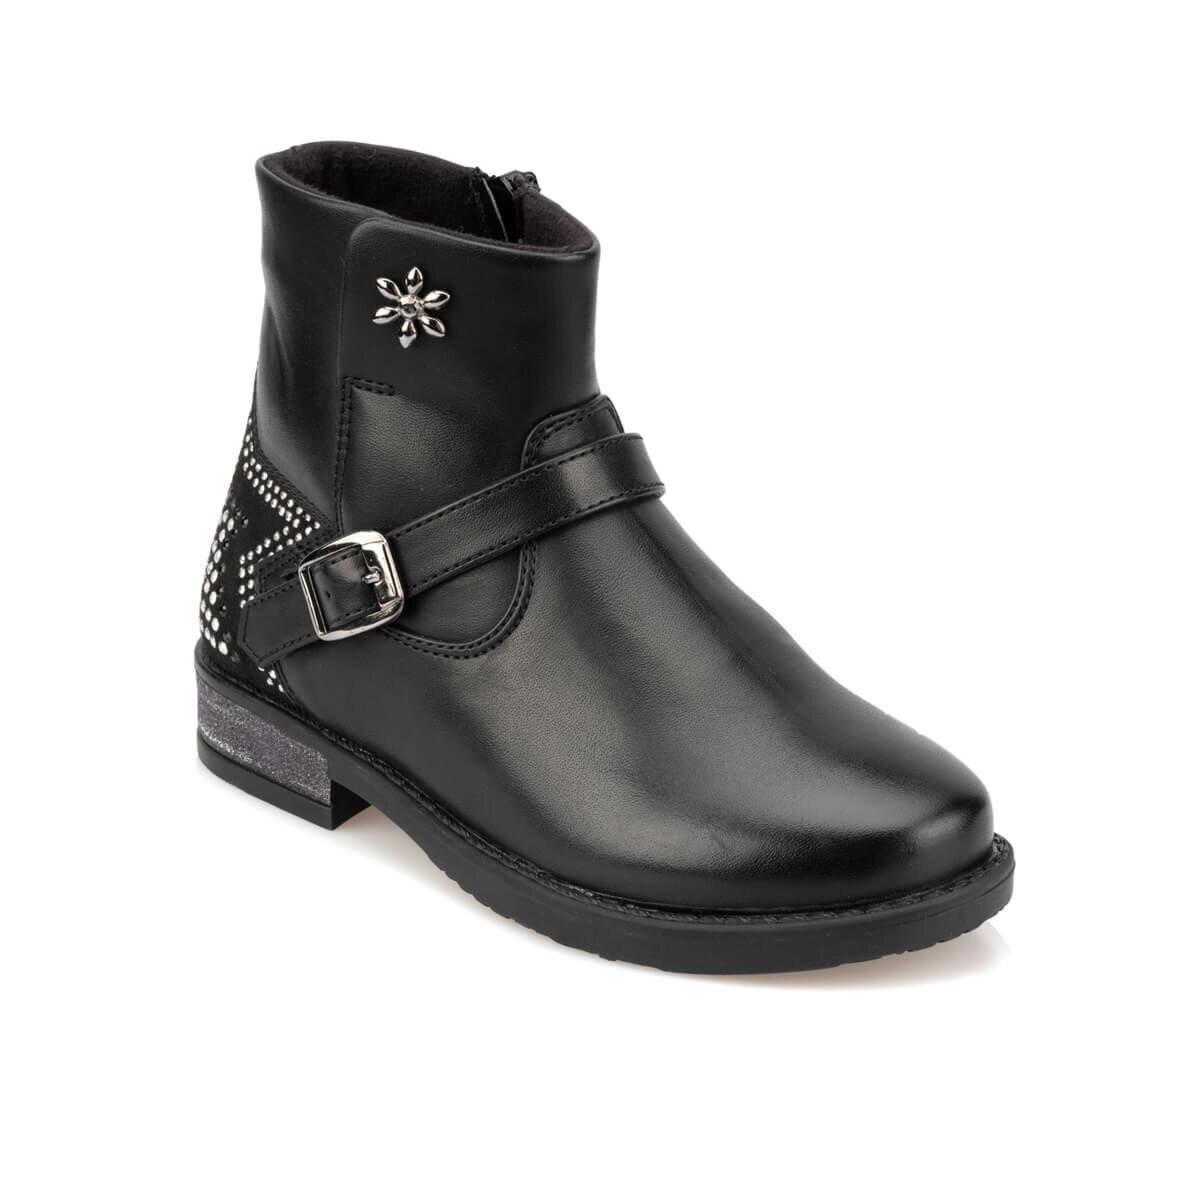 FLO 92.511817.P Black Female Child Boots Polaris